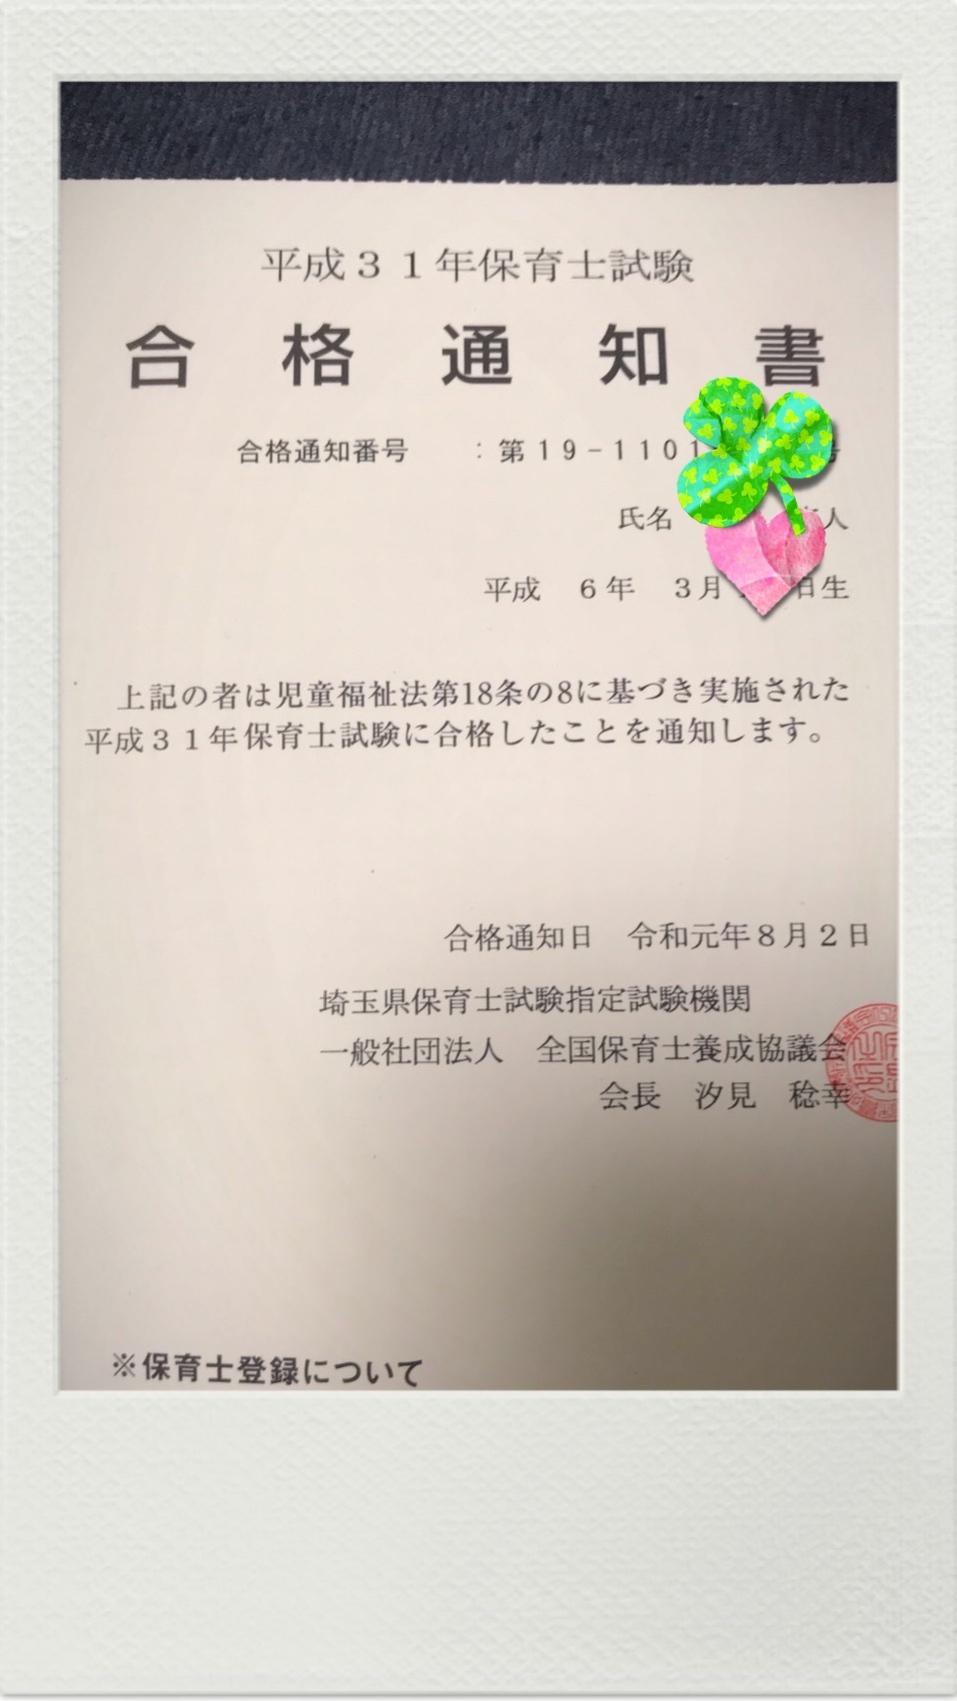 おめでとう☆_e0040673_21585200.jpeg